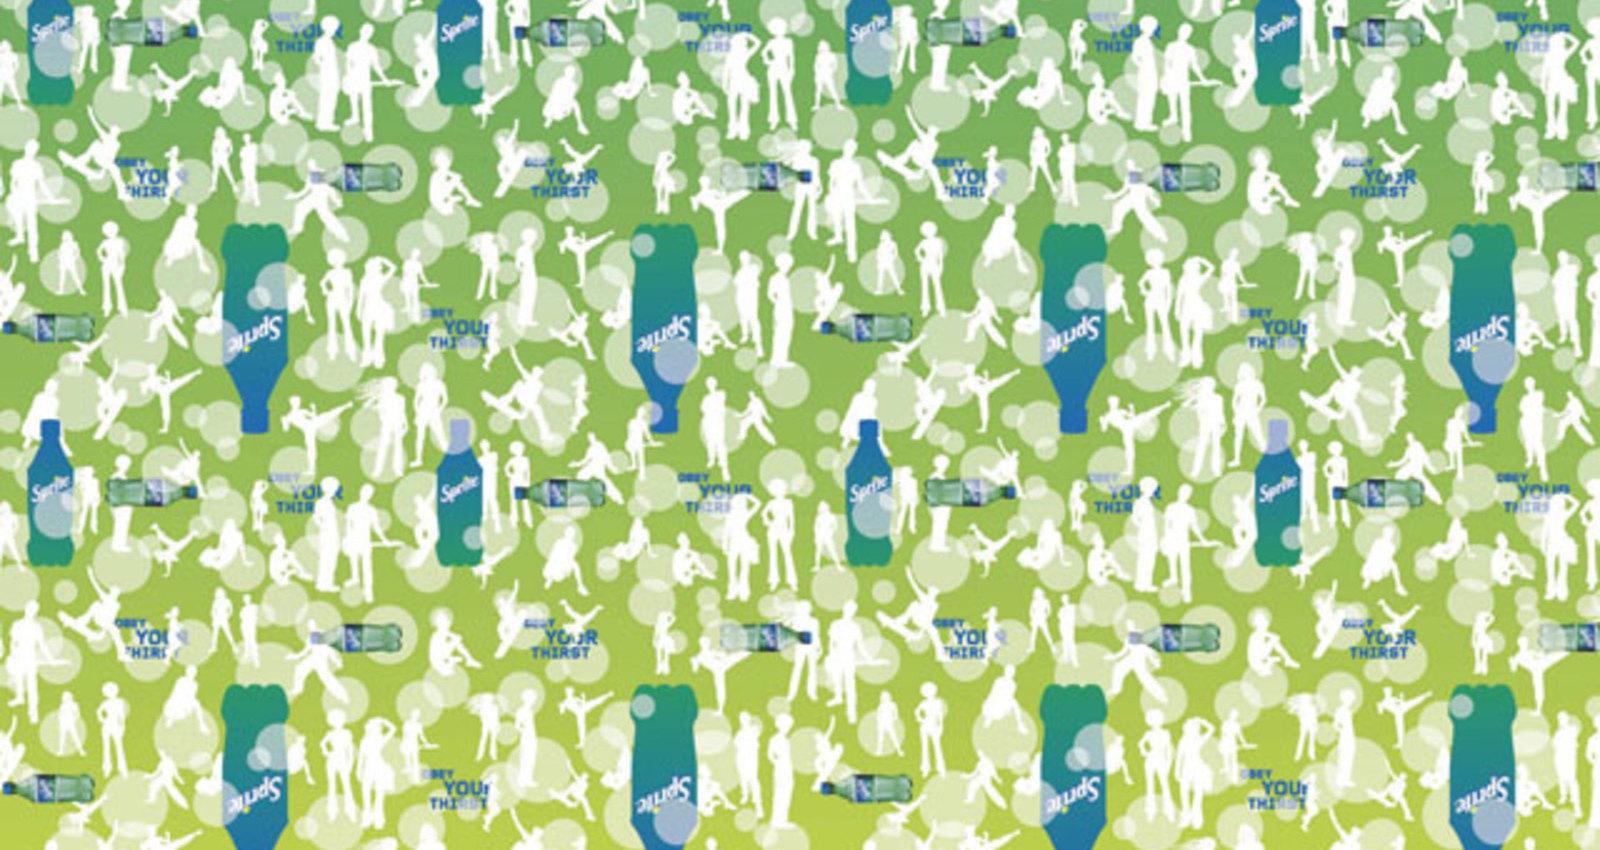 Sprite Camouflage I, Sprite Camouflage II, Sprite Camouflage III